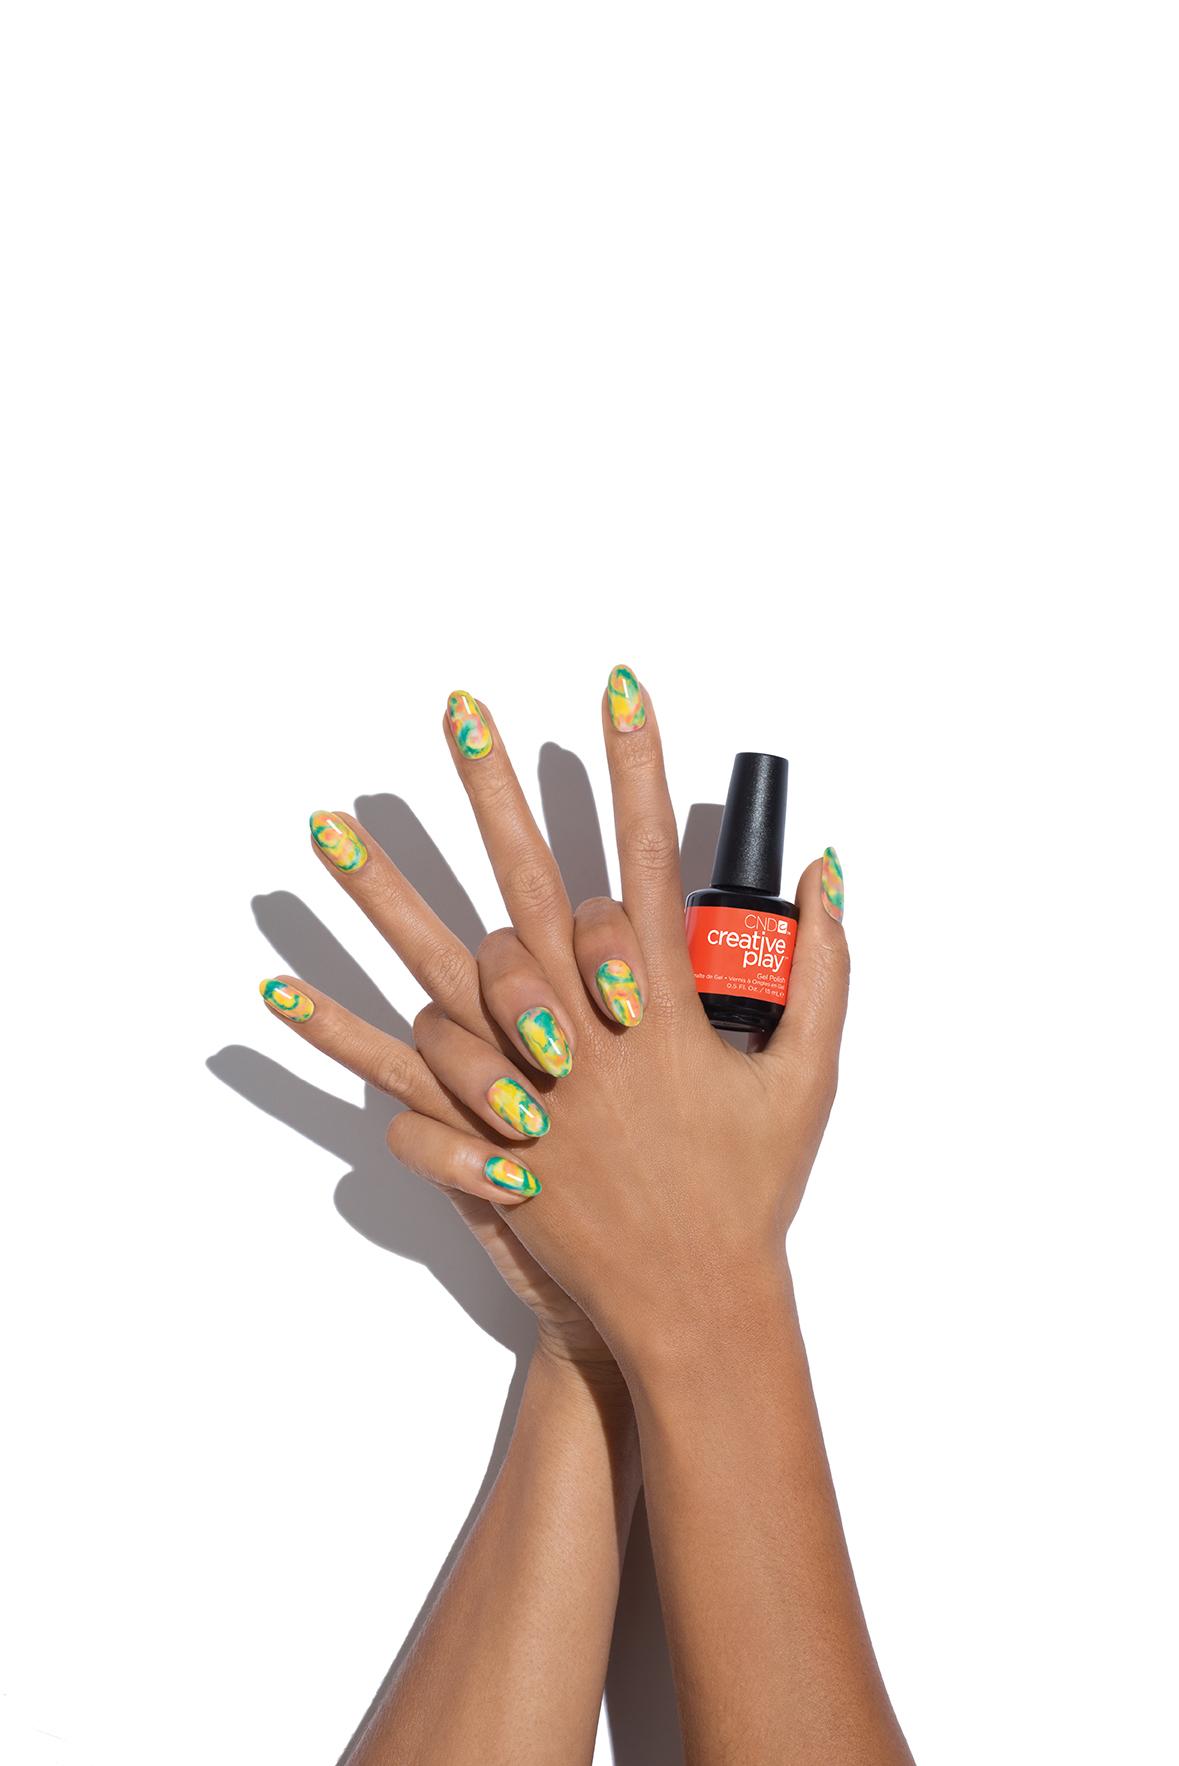 Hand-Model-Image-4_170526_Revlon_Creative_Play_Hands_04_060_v07.jpg